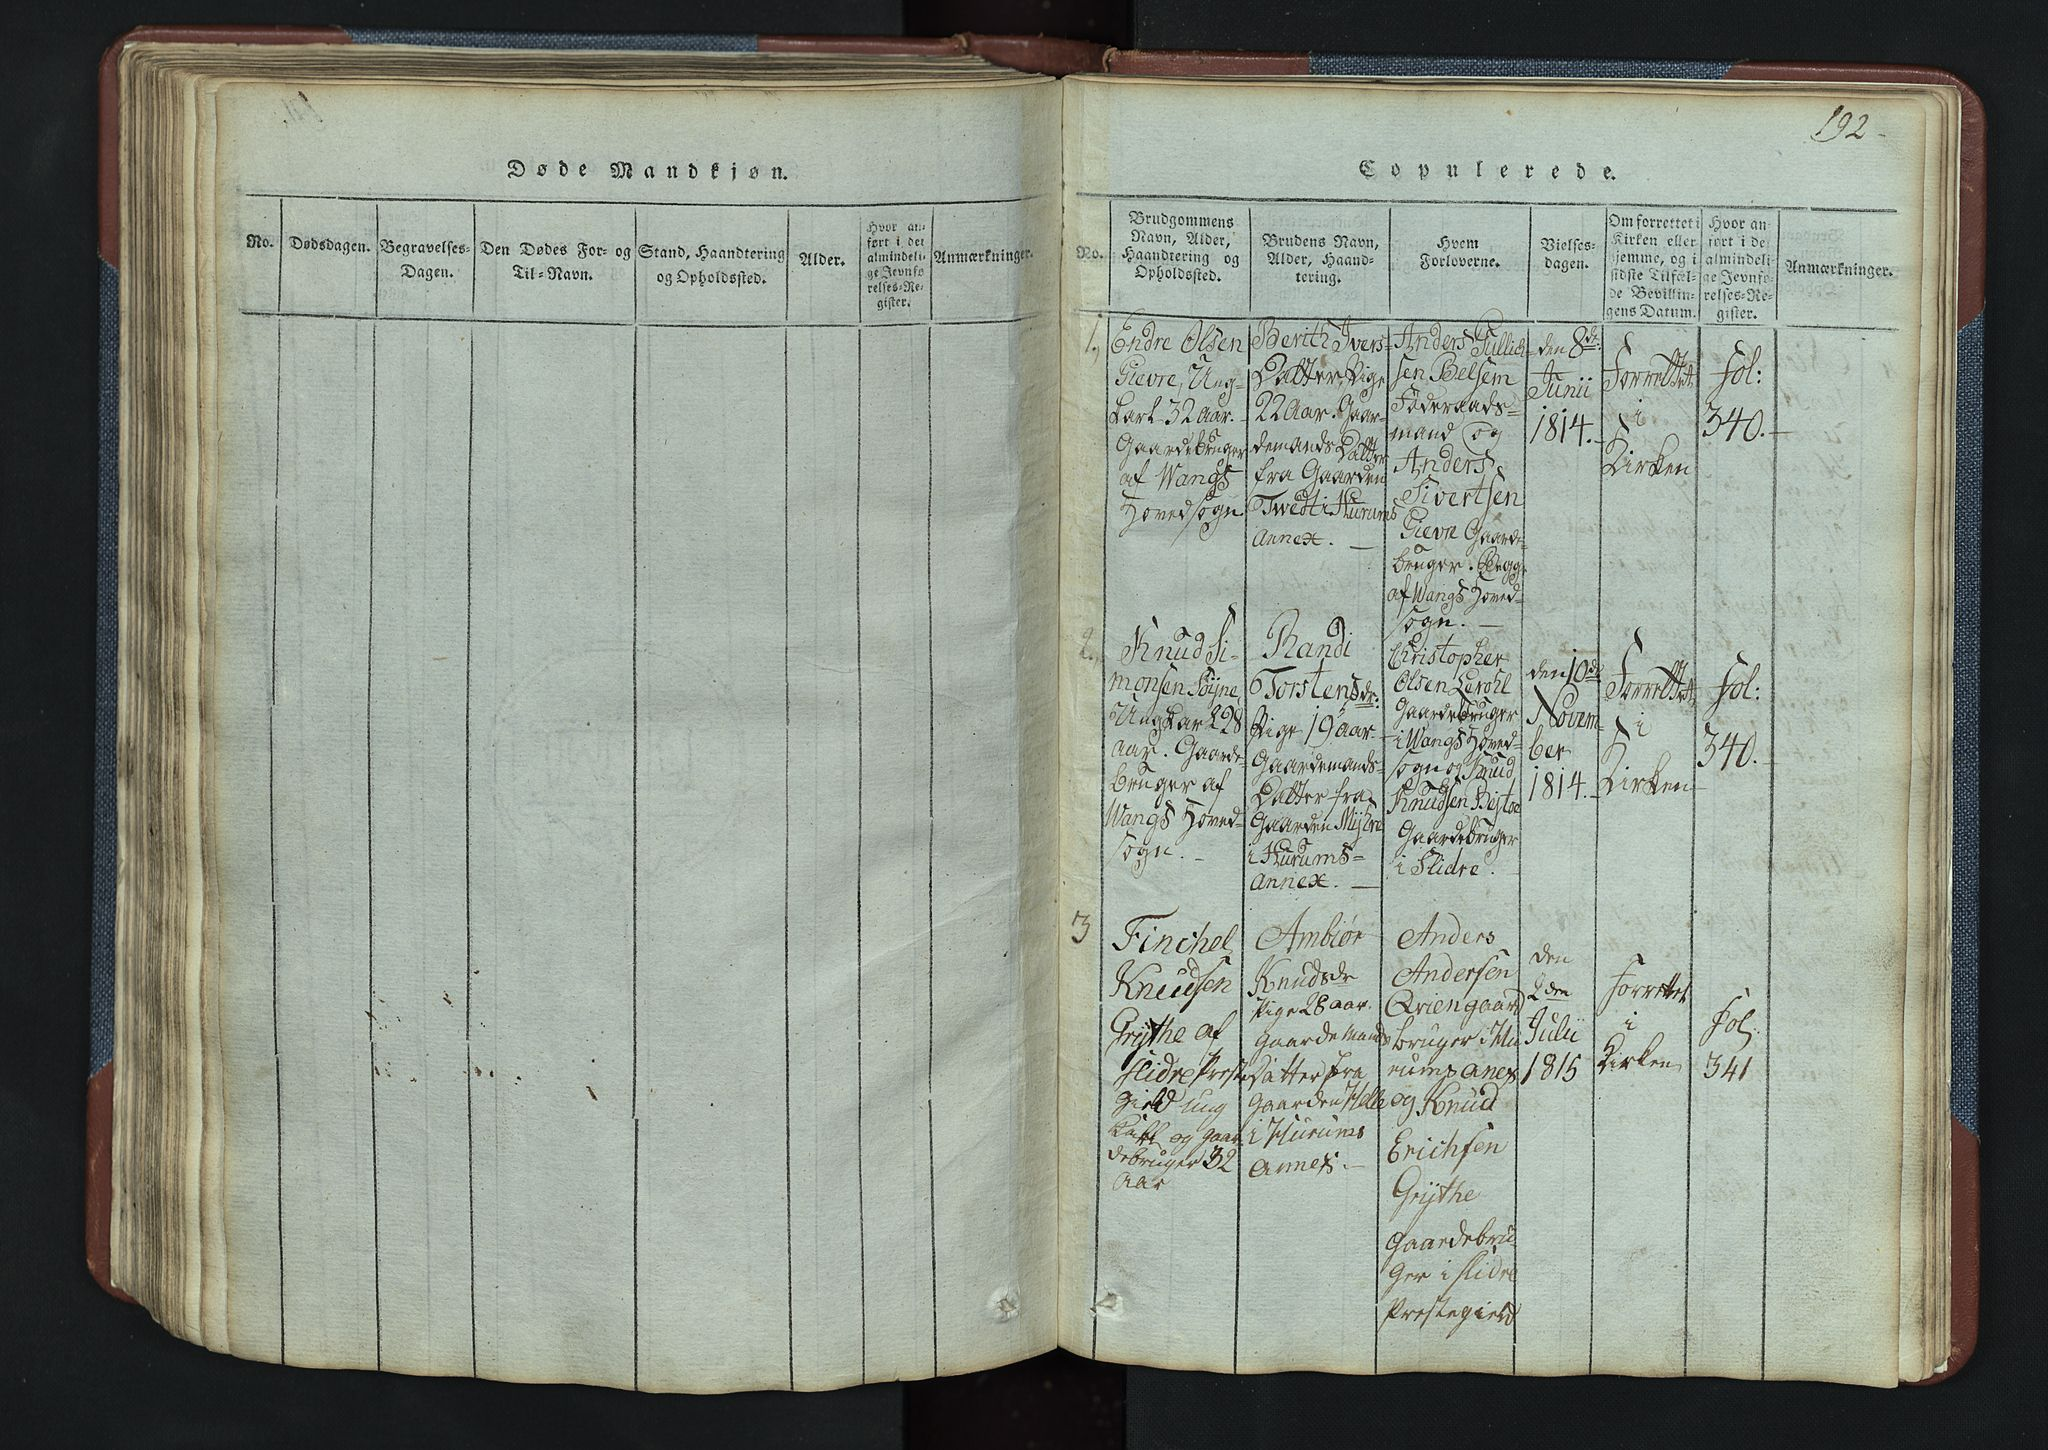 SAH, Vang prestekontor, Valdres, Klokkerbok nr. 3, 1814-1892, s. 192